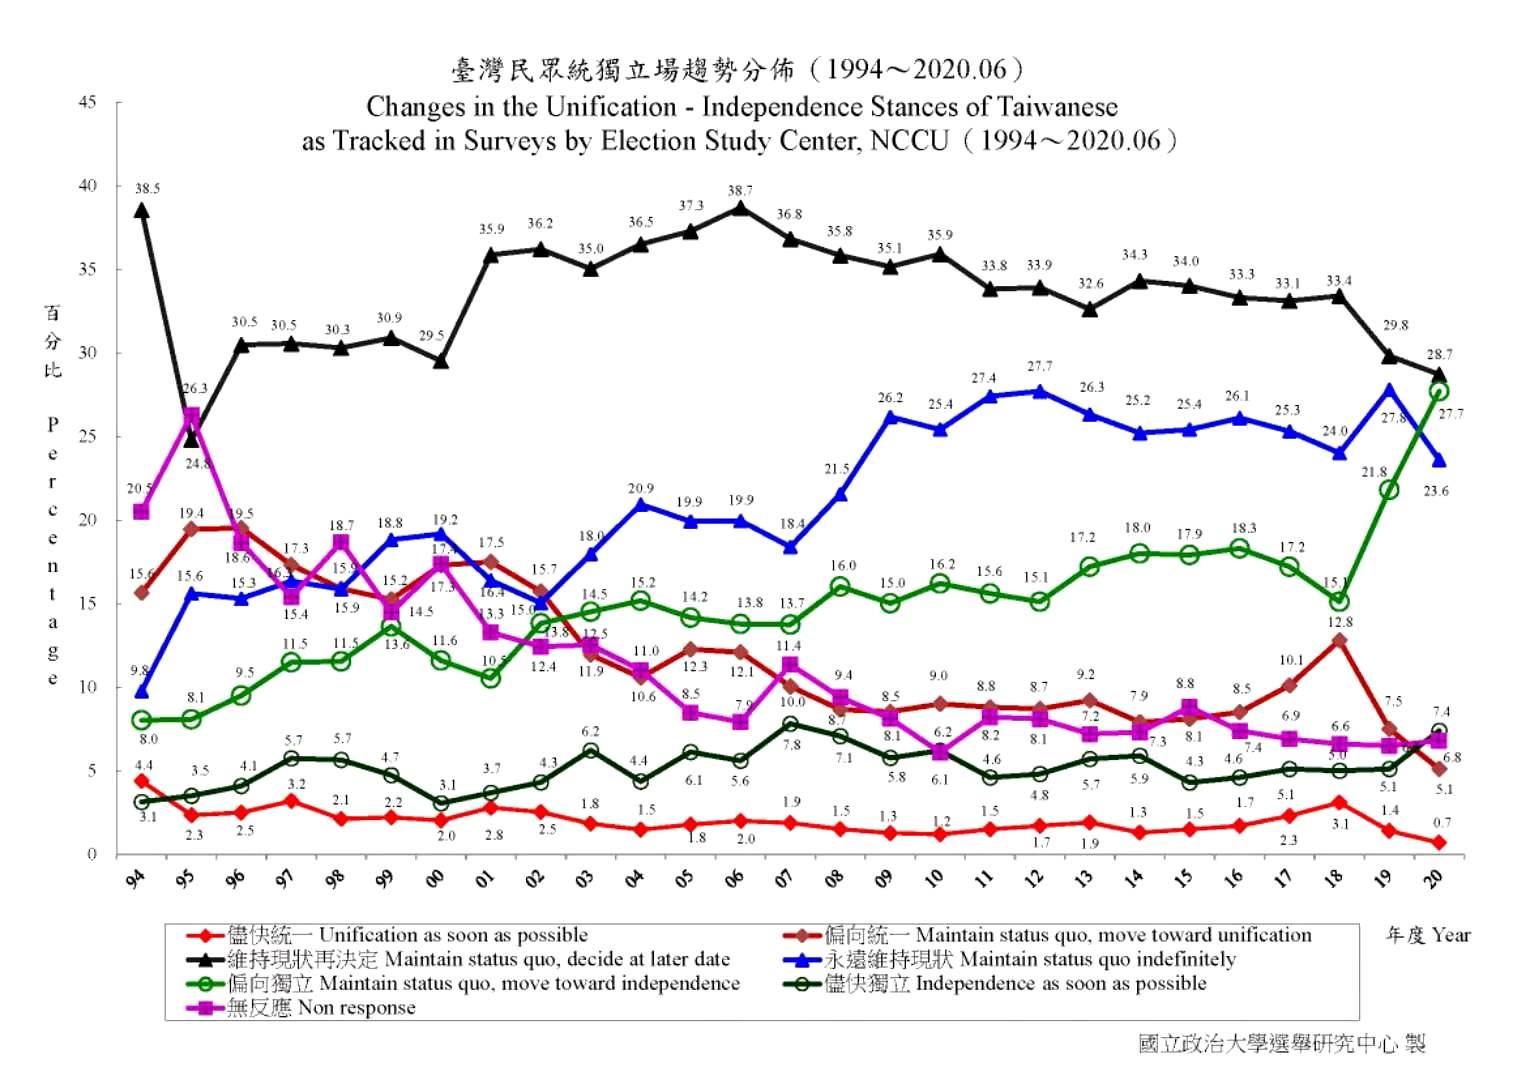 根據政大選研中心2020年6月的民調,臺灣人口組成中,主張統一者僅有5.8%(包含「儘快統一」的0.7%和「偏向統一」的5.1%)。